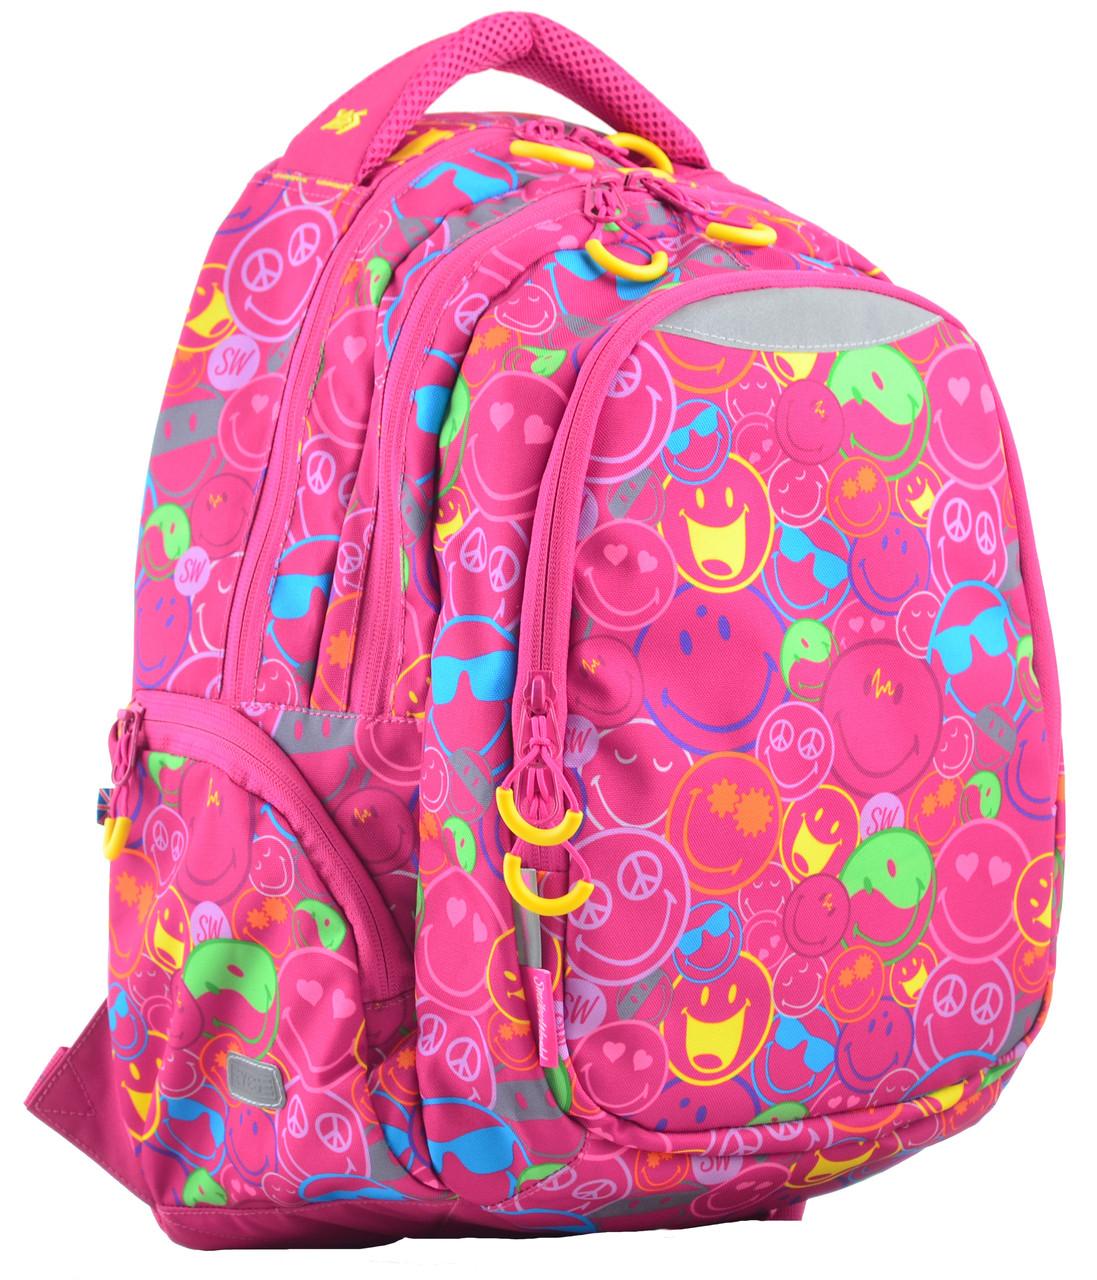 Рюкзак молодежный Т-22 Neon, 45*31*15